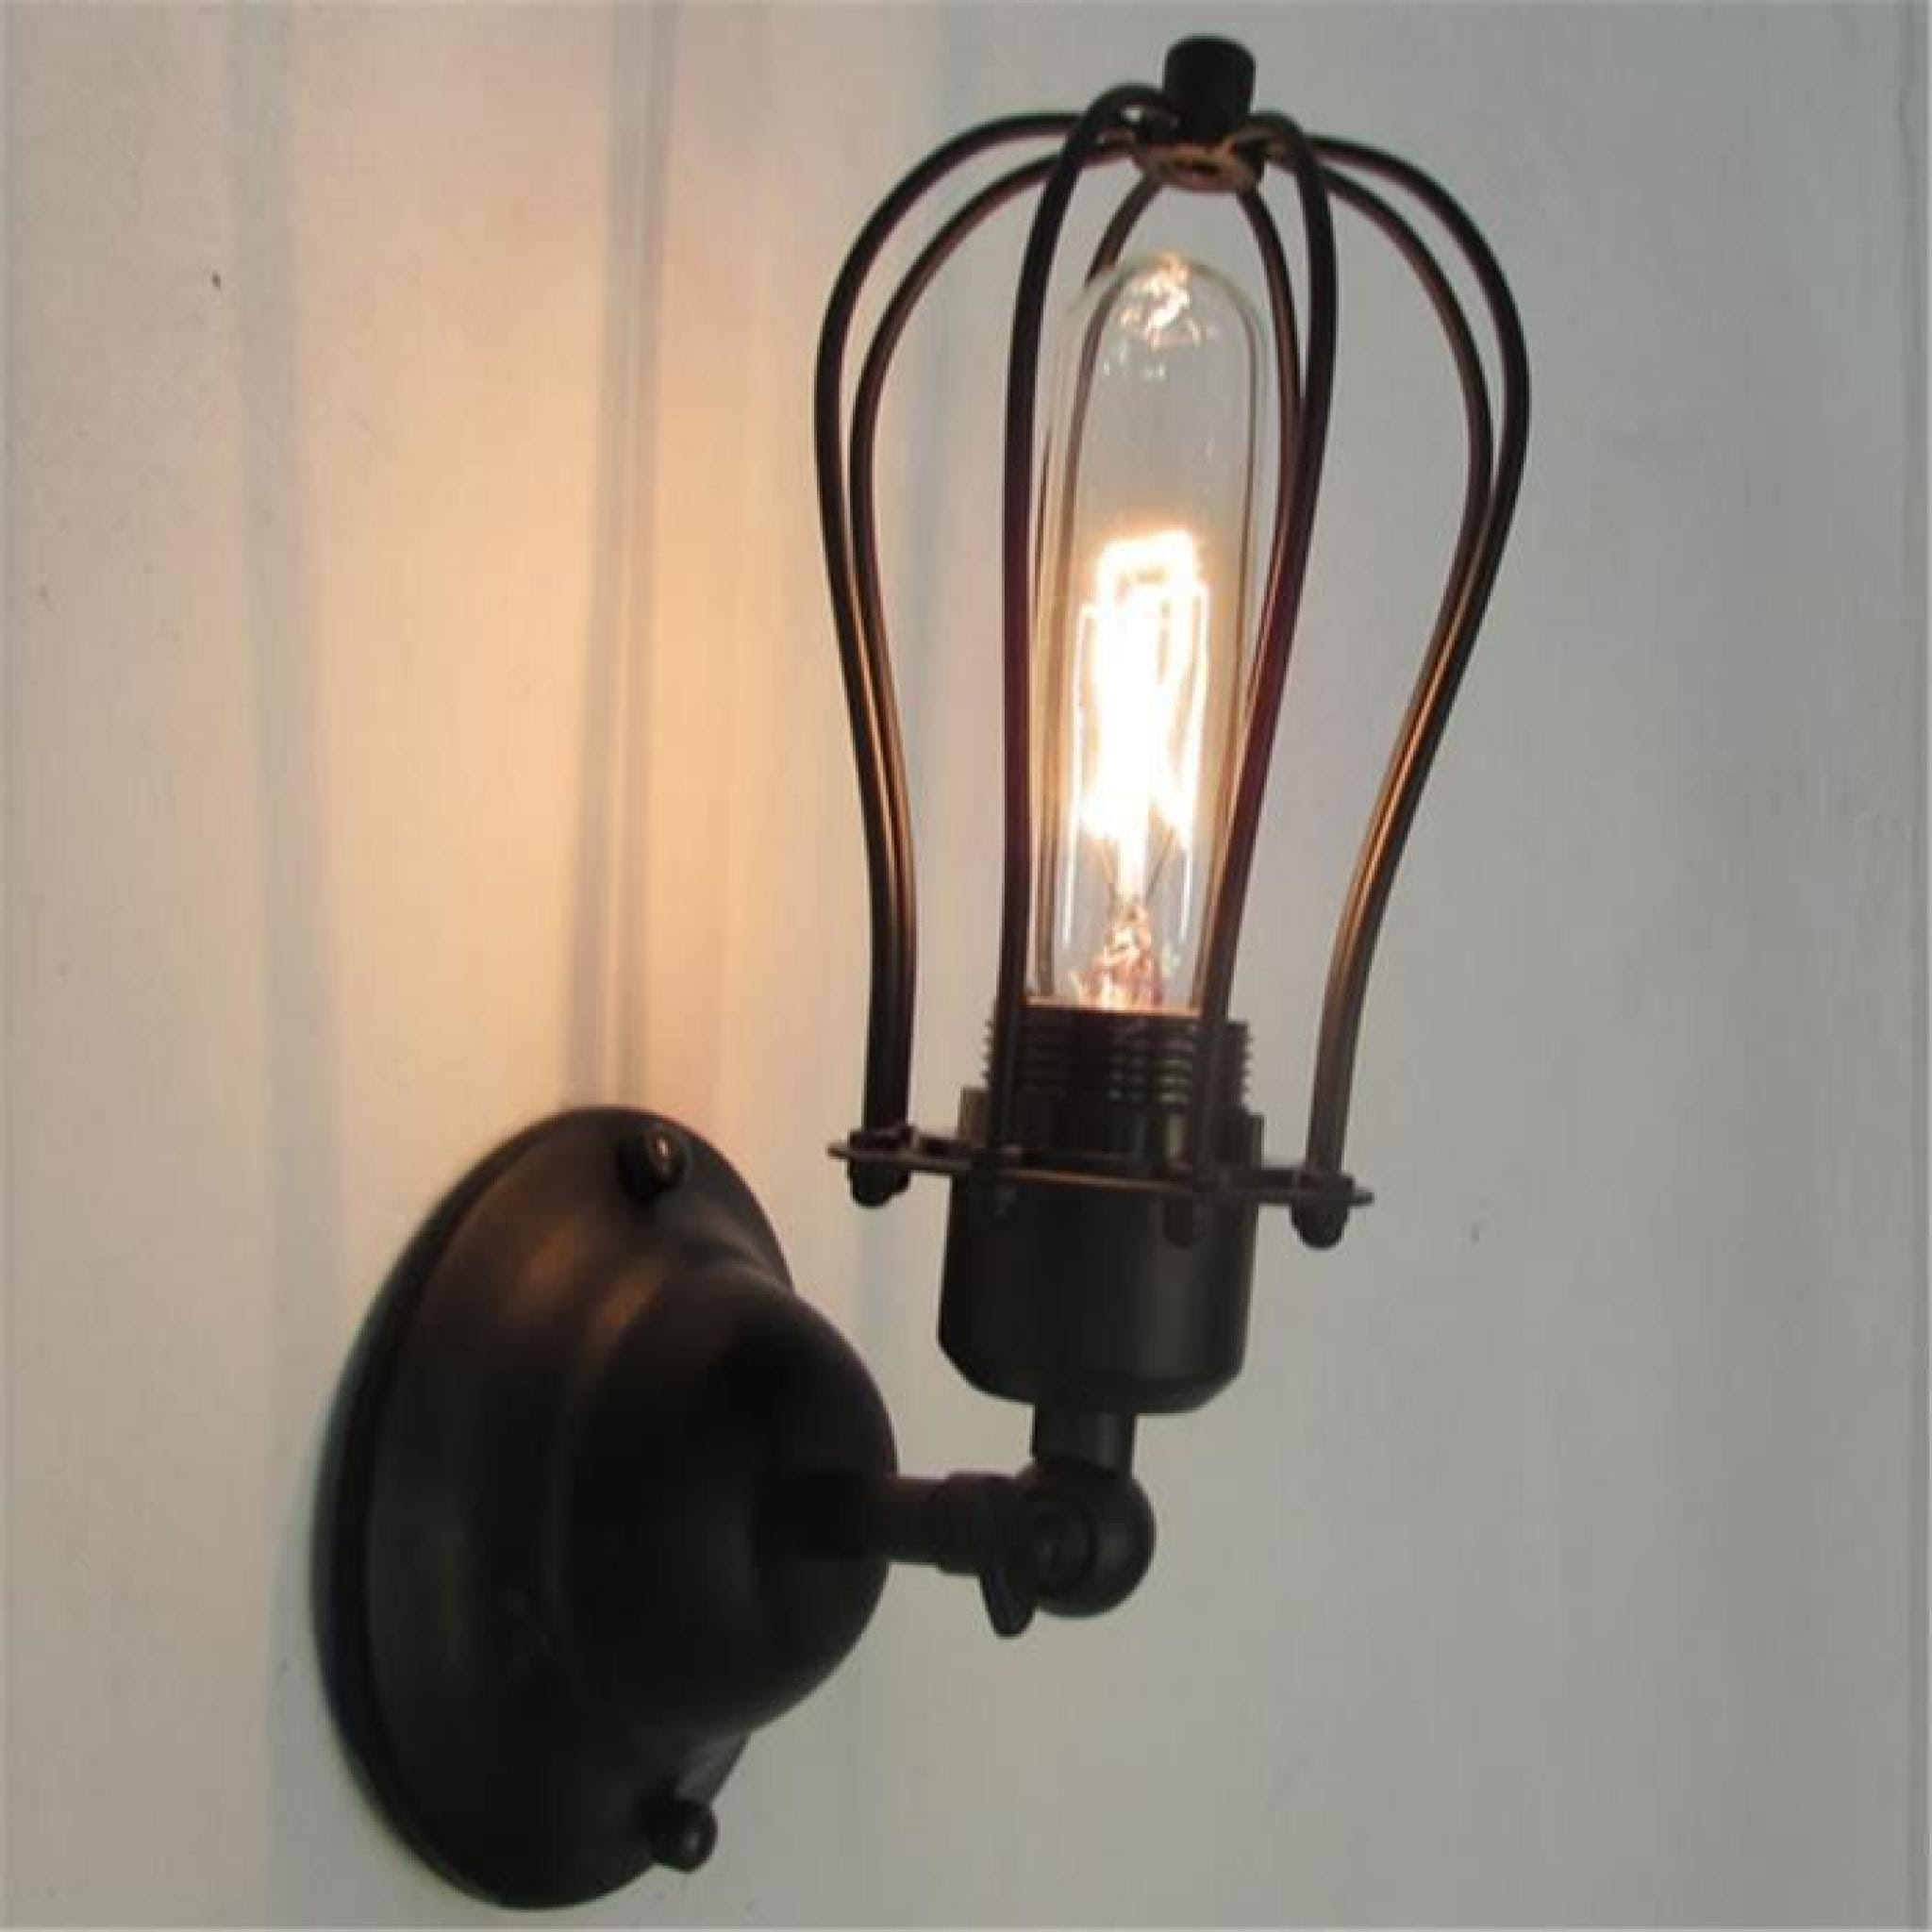 Ferandhome Antique Applique Murale Feu Lampe De Mur Luminaire Edison